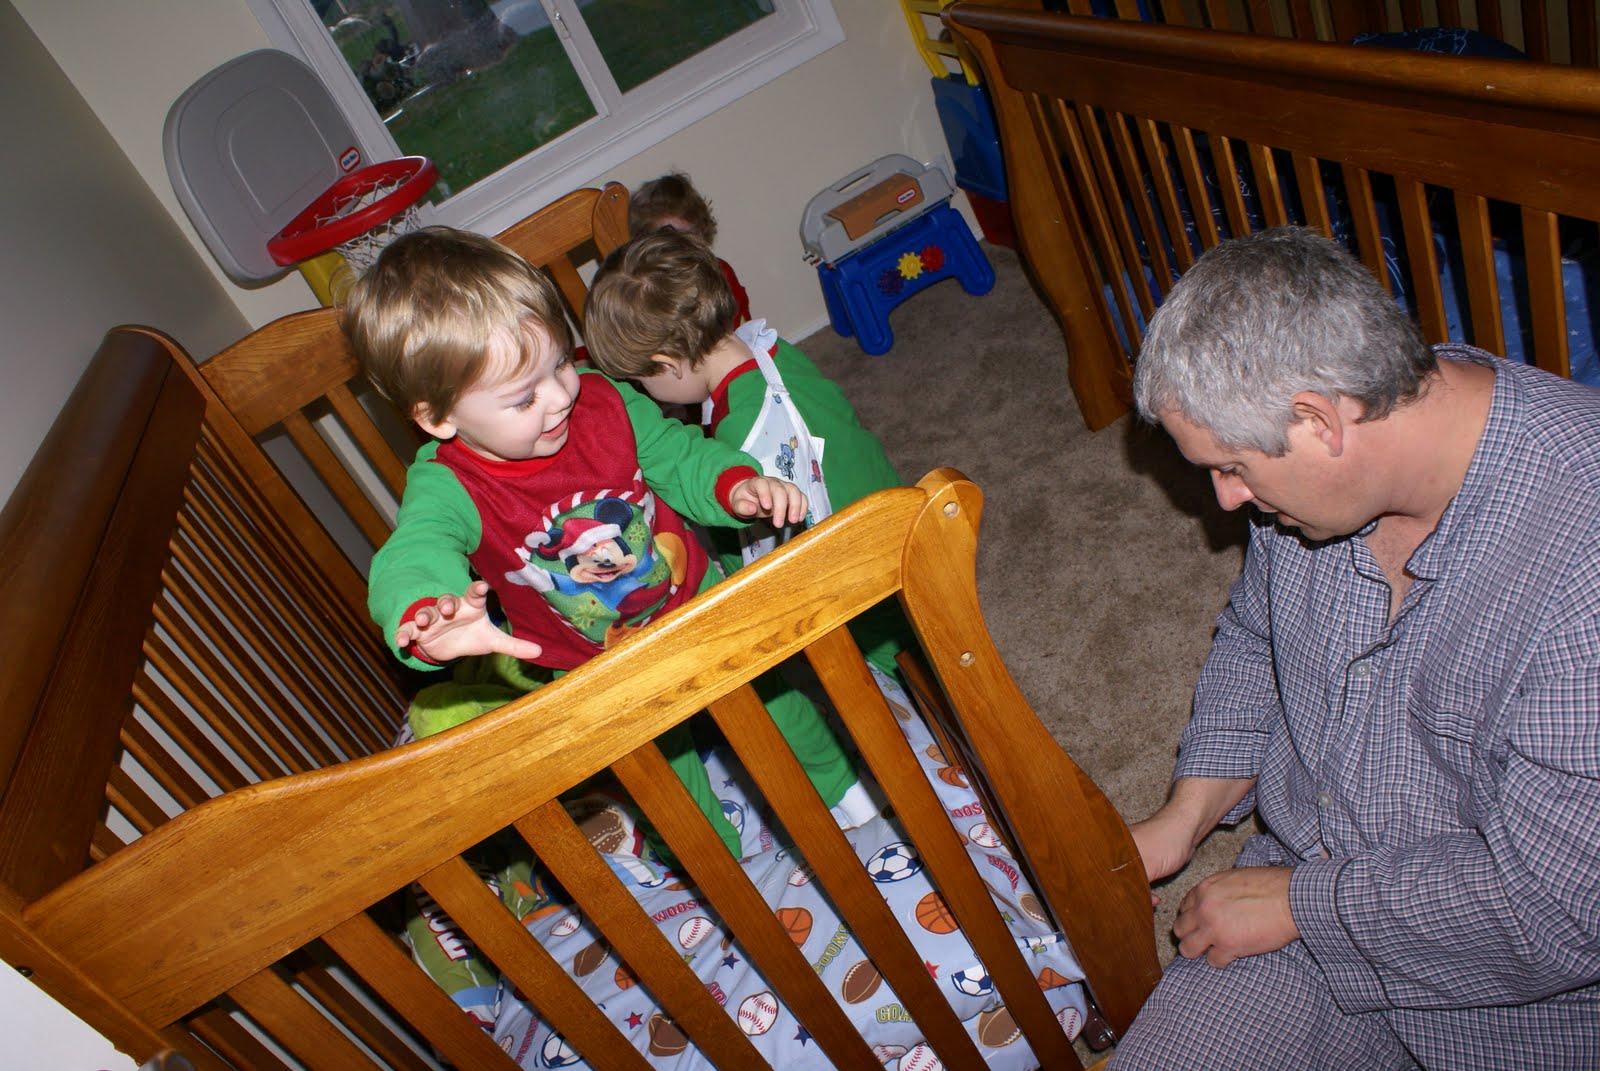 4 Times The Fun Big Kid Beds Take 2